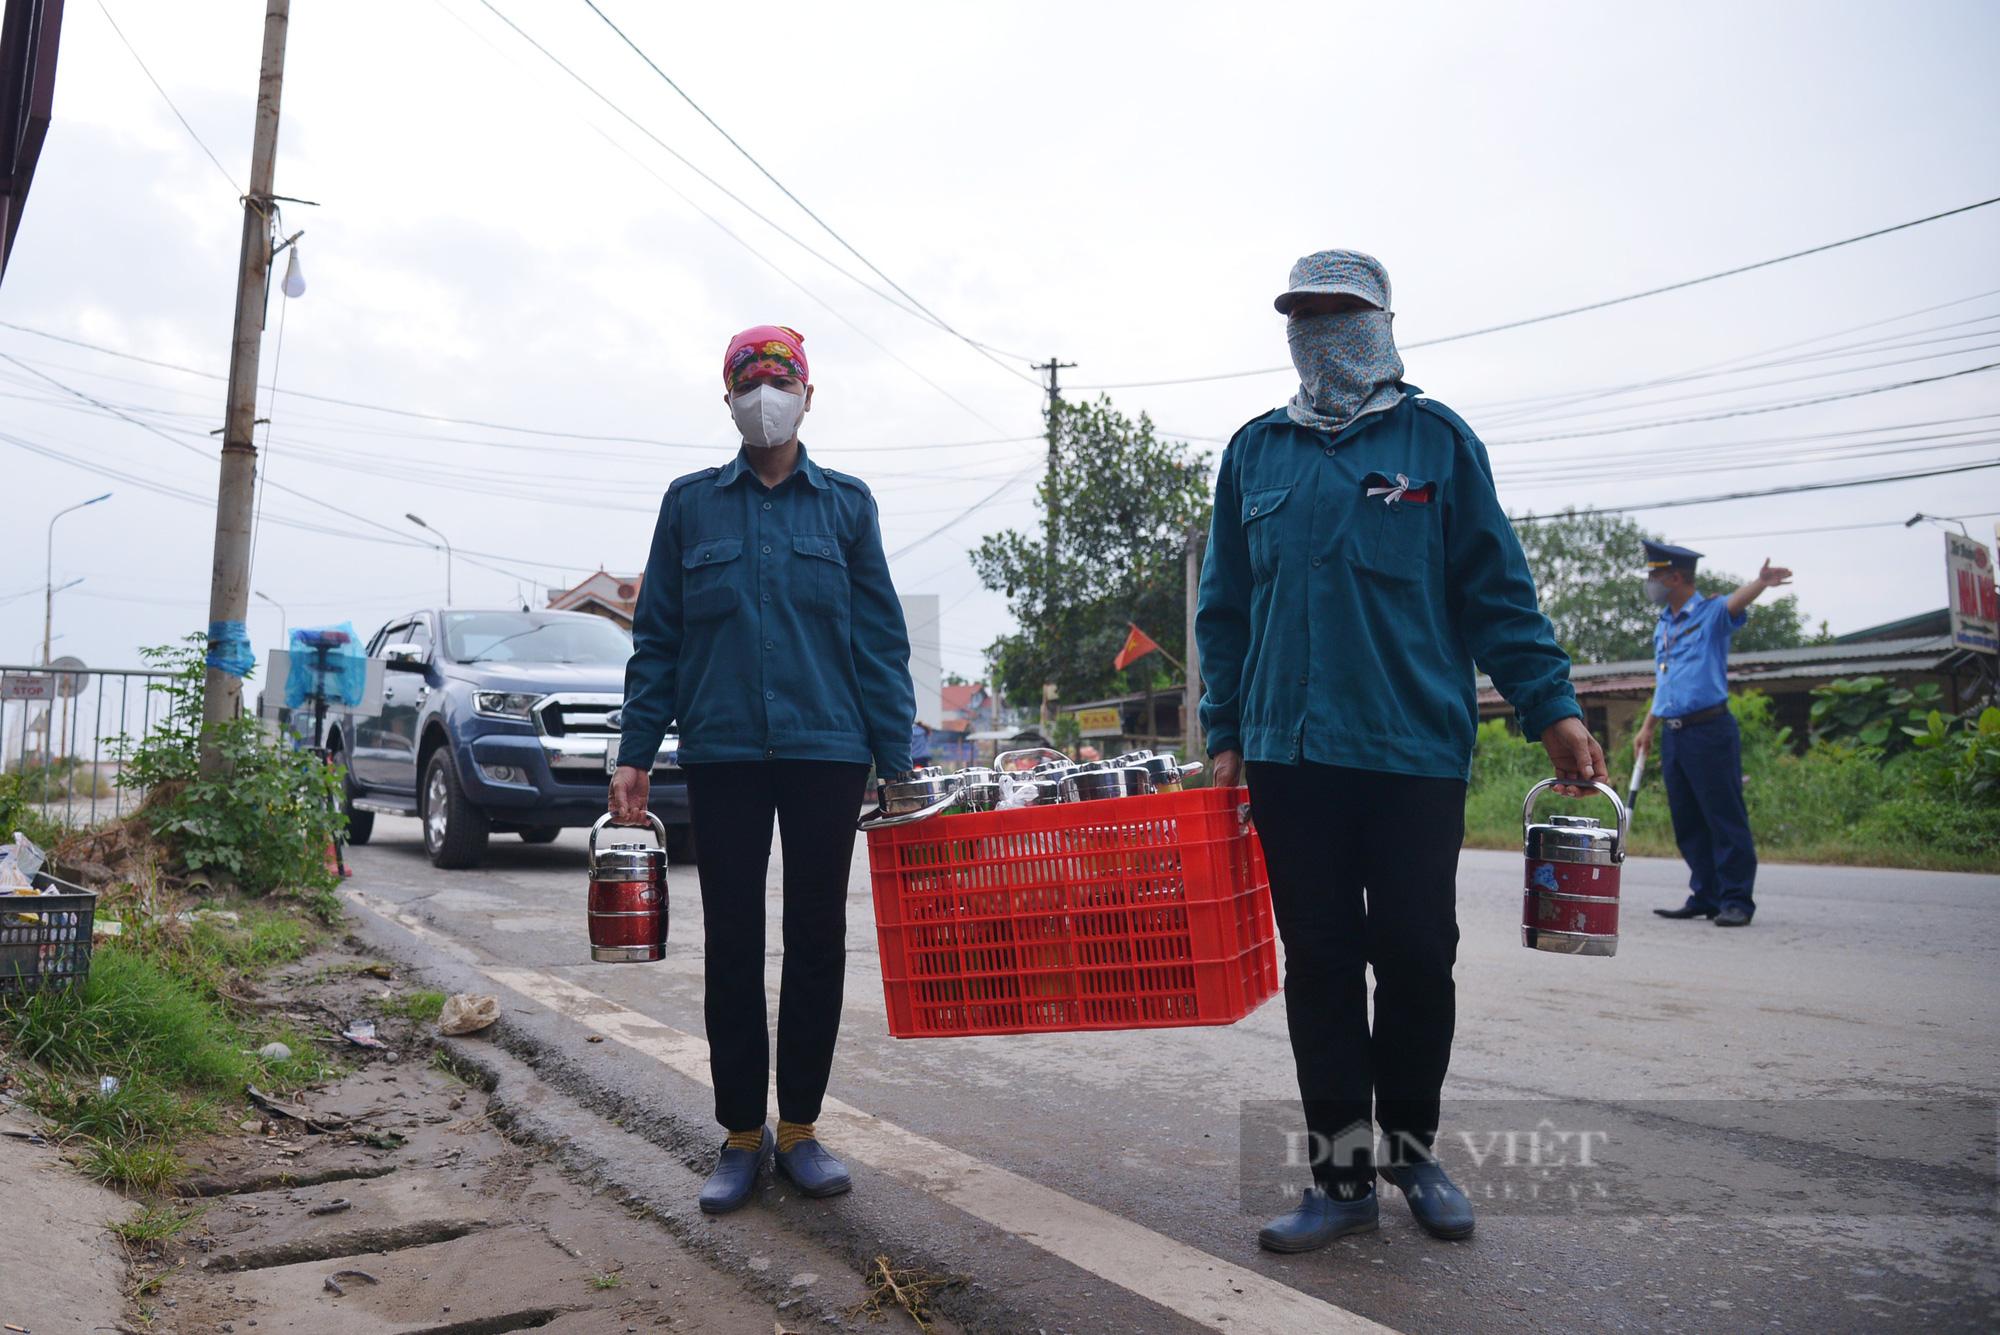 """Người dân Hà Nội nhường nhà, """"tiếp tế"""" cơm, nước uống chia sẻ với lực lượng làm nhiệm vụ phòng, chống dịch - Ảnh 8."""